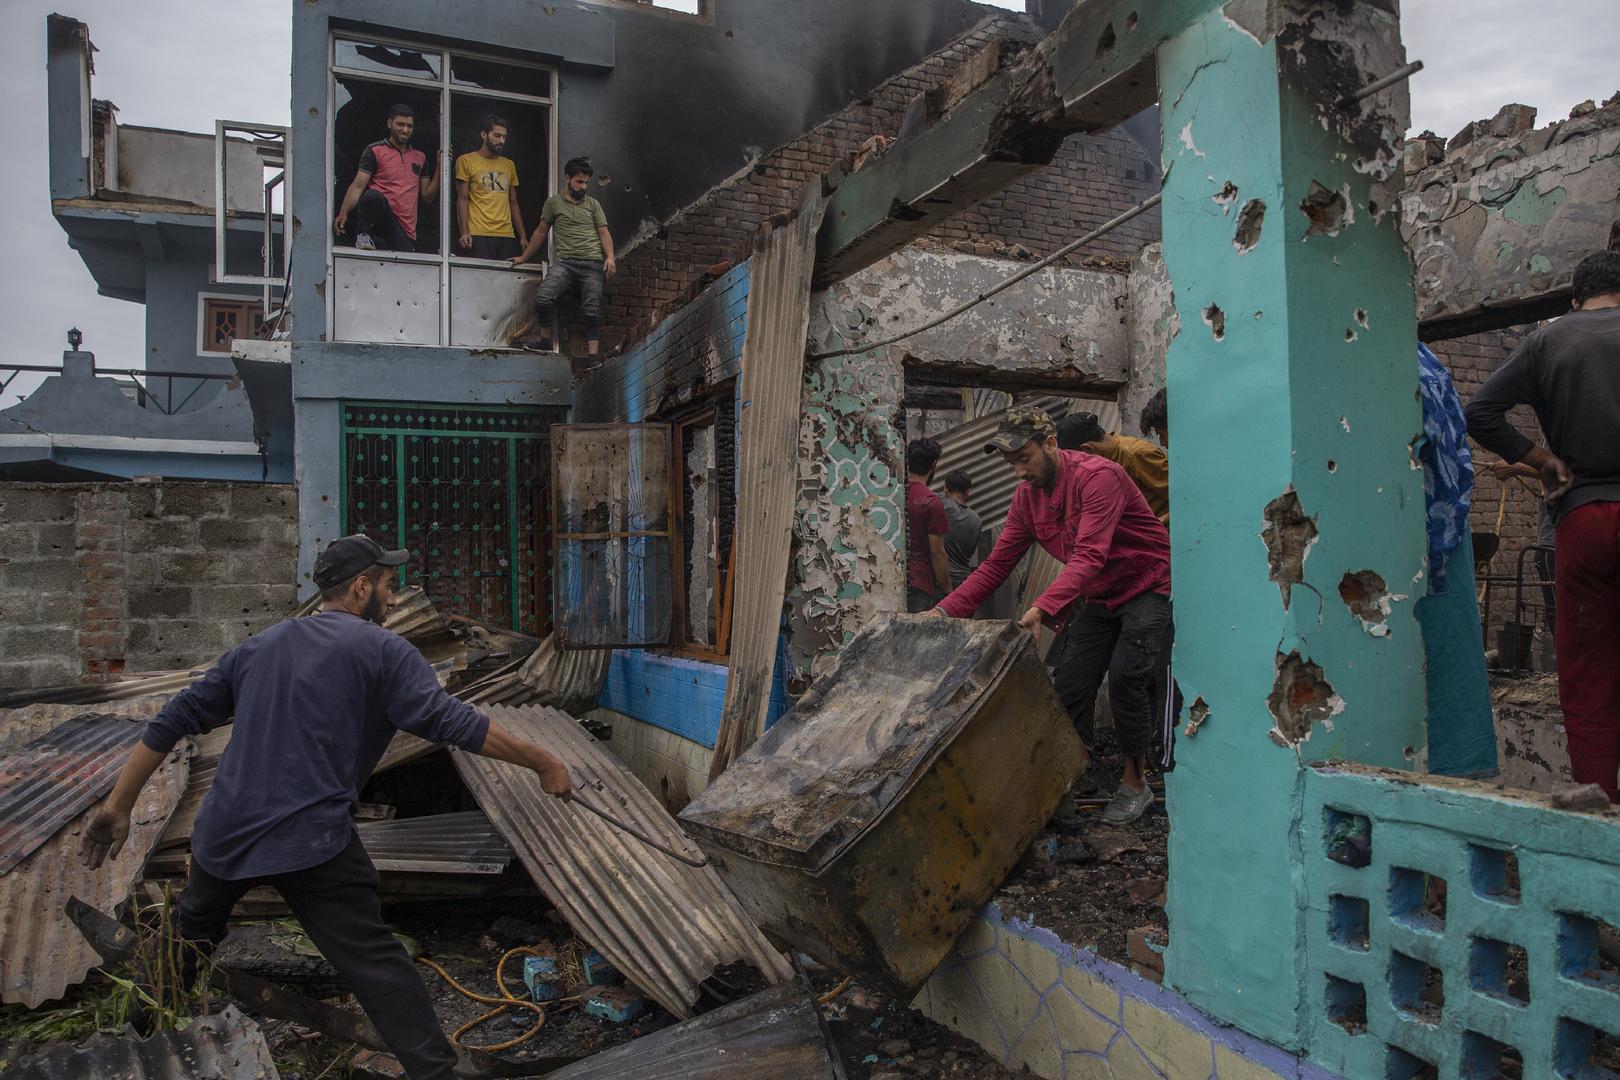 اشتباكات بين سكان في كشمير مع القوات الهندية بعد مقتل 3 أشخاص